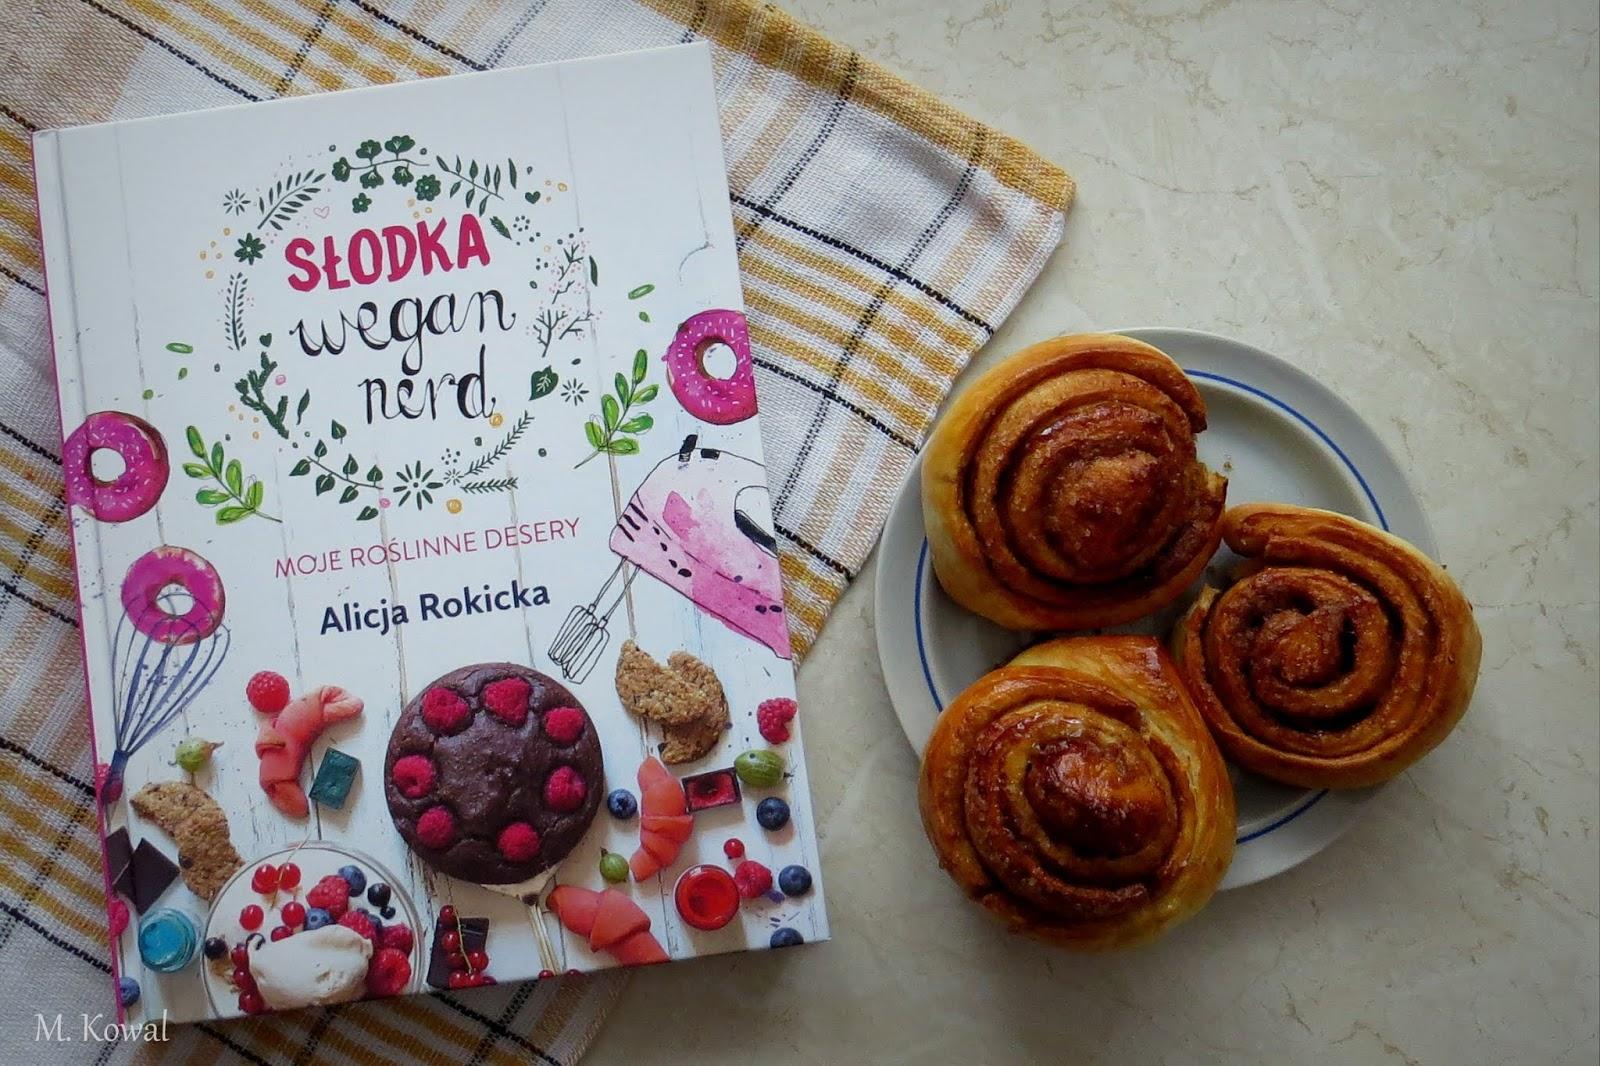 """Pyszne słodkości bez nabiału, czyli """"Słodka Wegan Nerd"""" Alicji Rokickiej"""